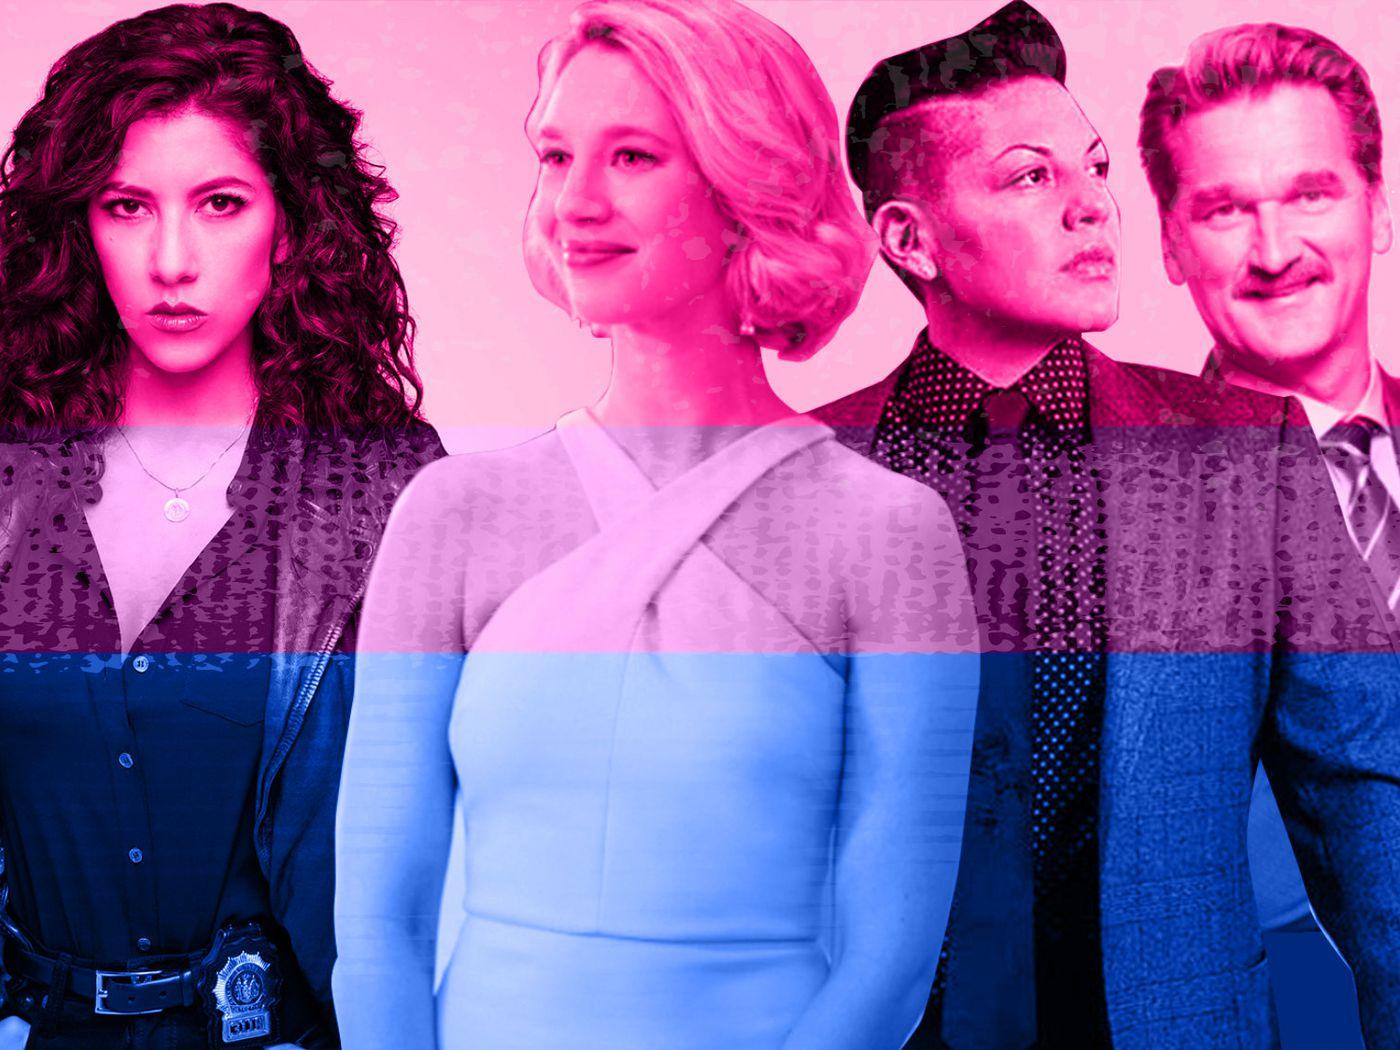 سبع عشرة حقيقة لا تعرفها عن ازدواجية الميول الجنسية - انجذاب نحو جندرين أو أكثر - الهوية الجنسية - الثنائية الجندرية - المثلية الجنسية